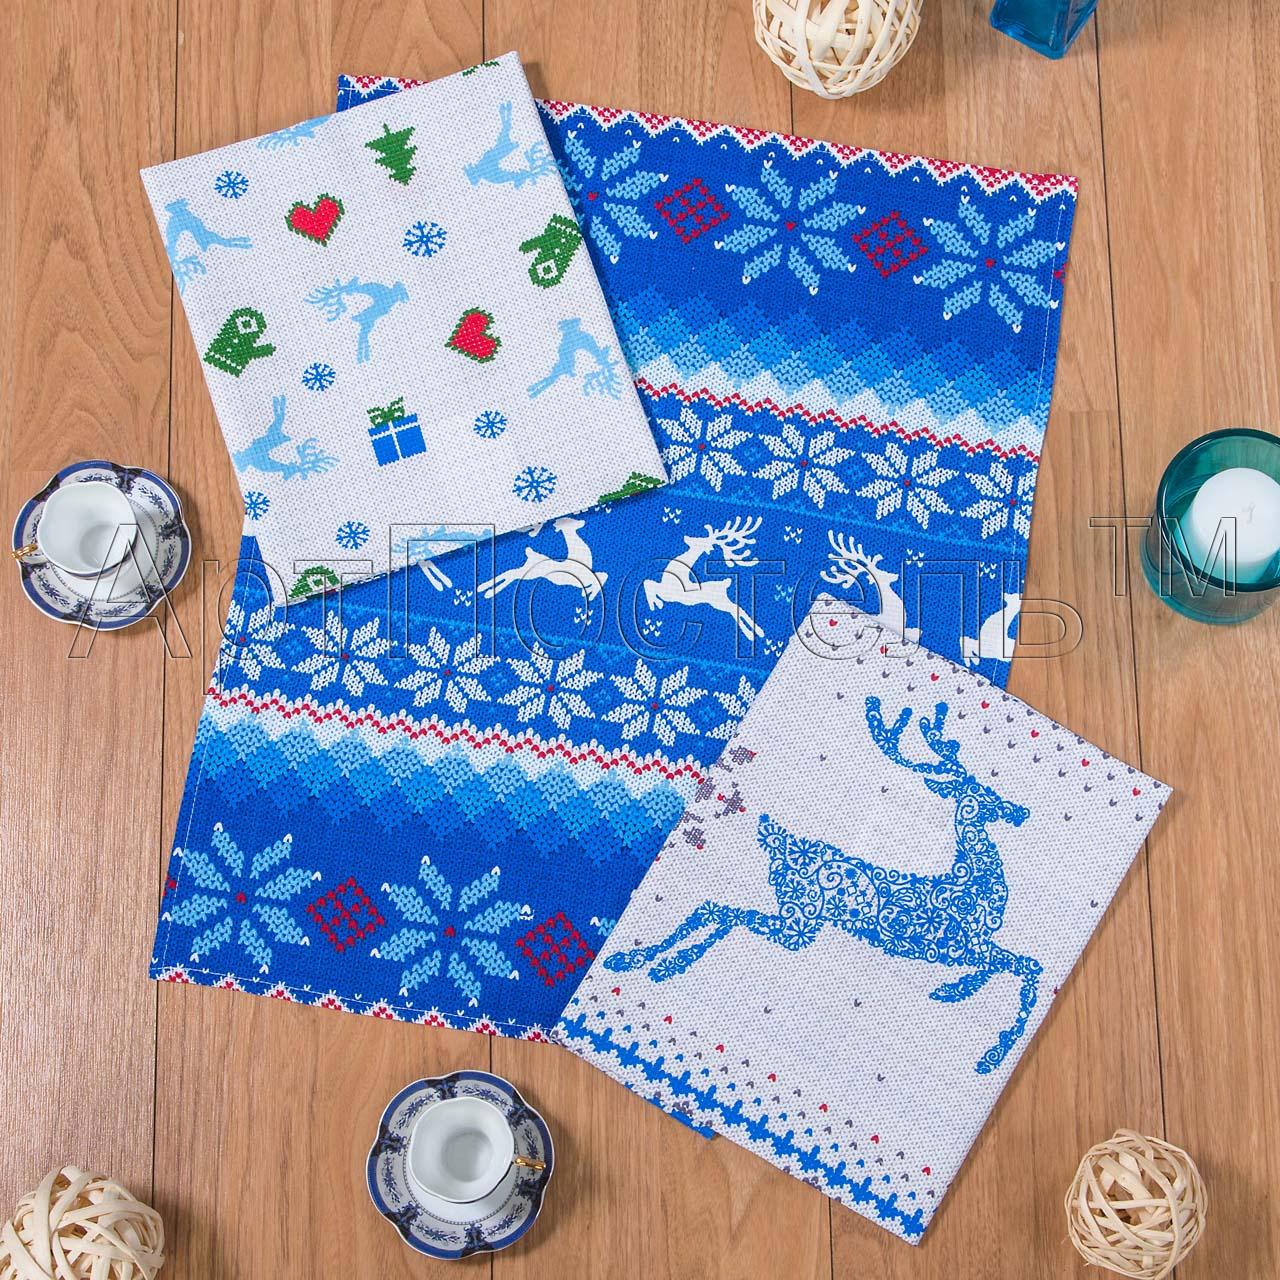 Набор полотенец Серебряное копытце р. 45х60Вафельные полотенца<br>Плотность: 160 г/кв. м <br>Количество в наборе: 3 шт.<br><br>Тип: Набор полотенец<br>Размер: 45х60<br>Материал: Вафельное полотно